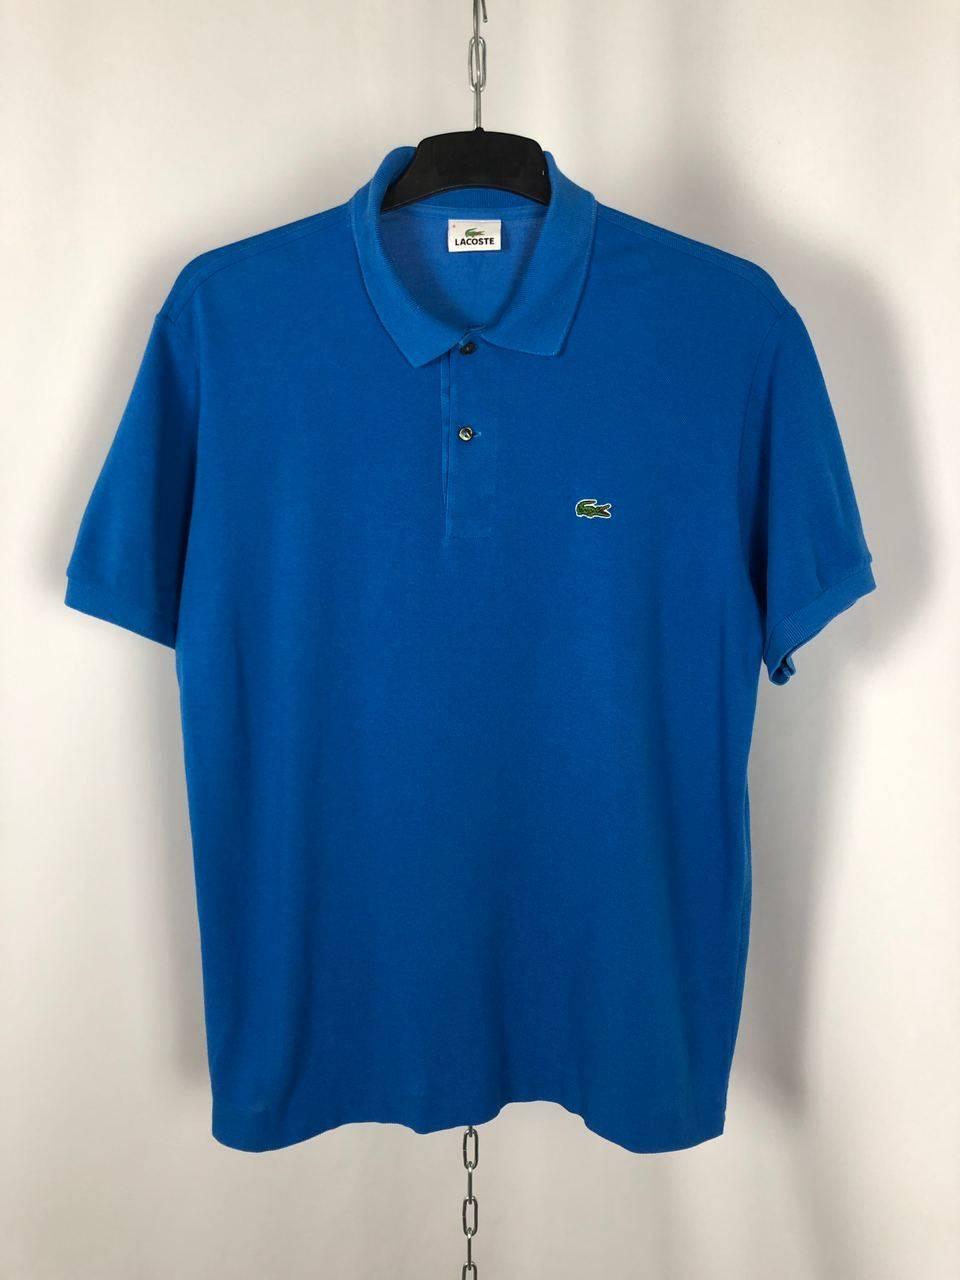 Vintage Men's Lacoste polo t-shirts blue size XL 6